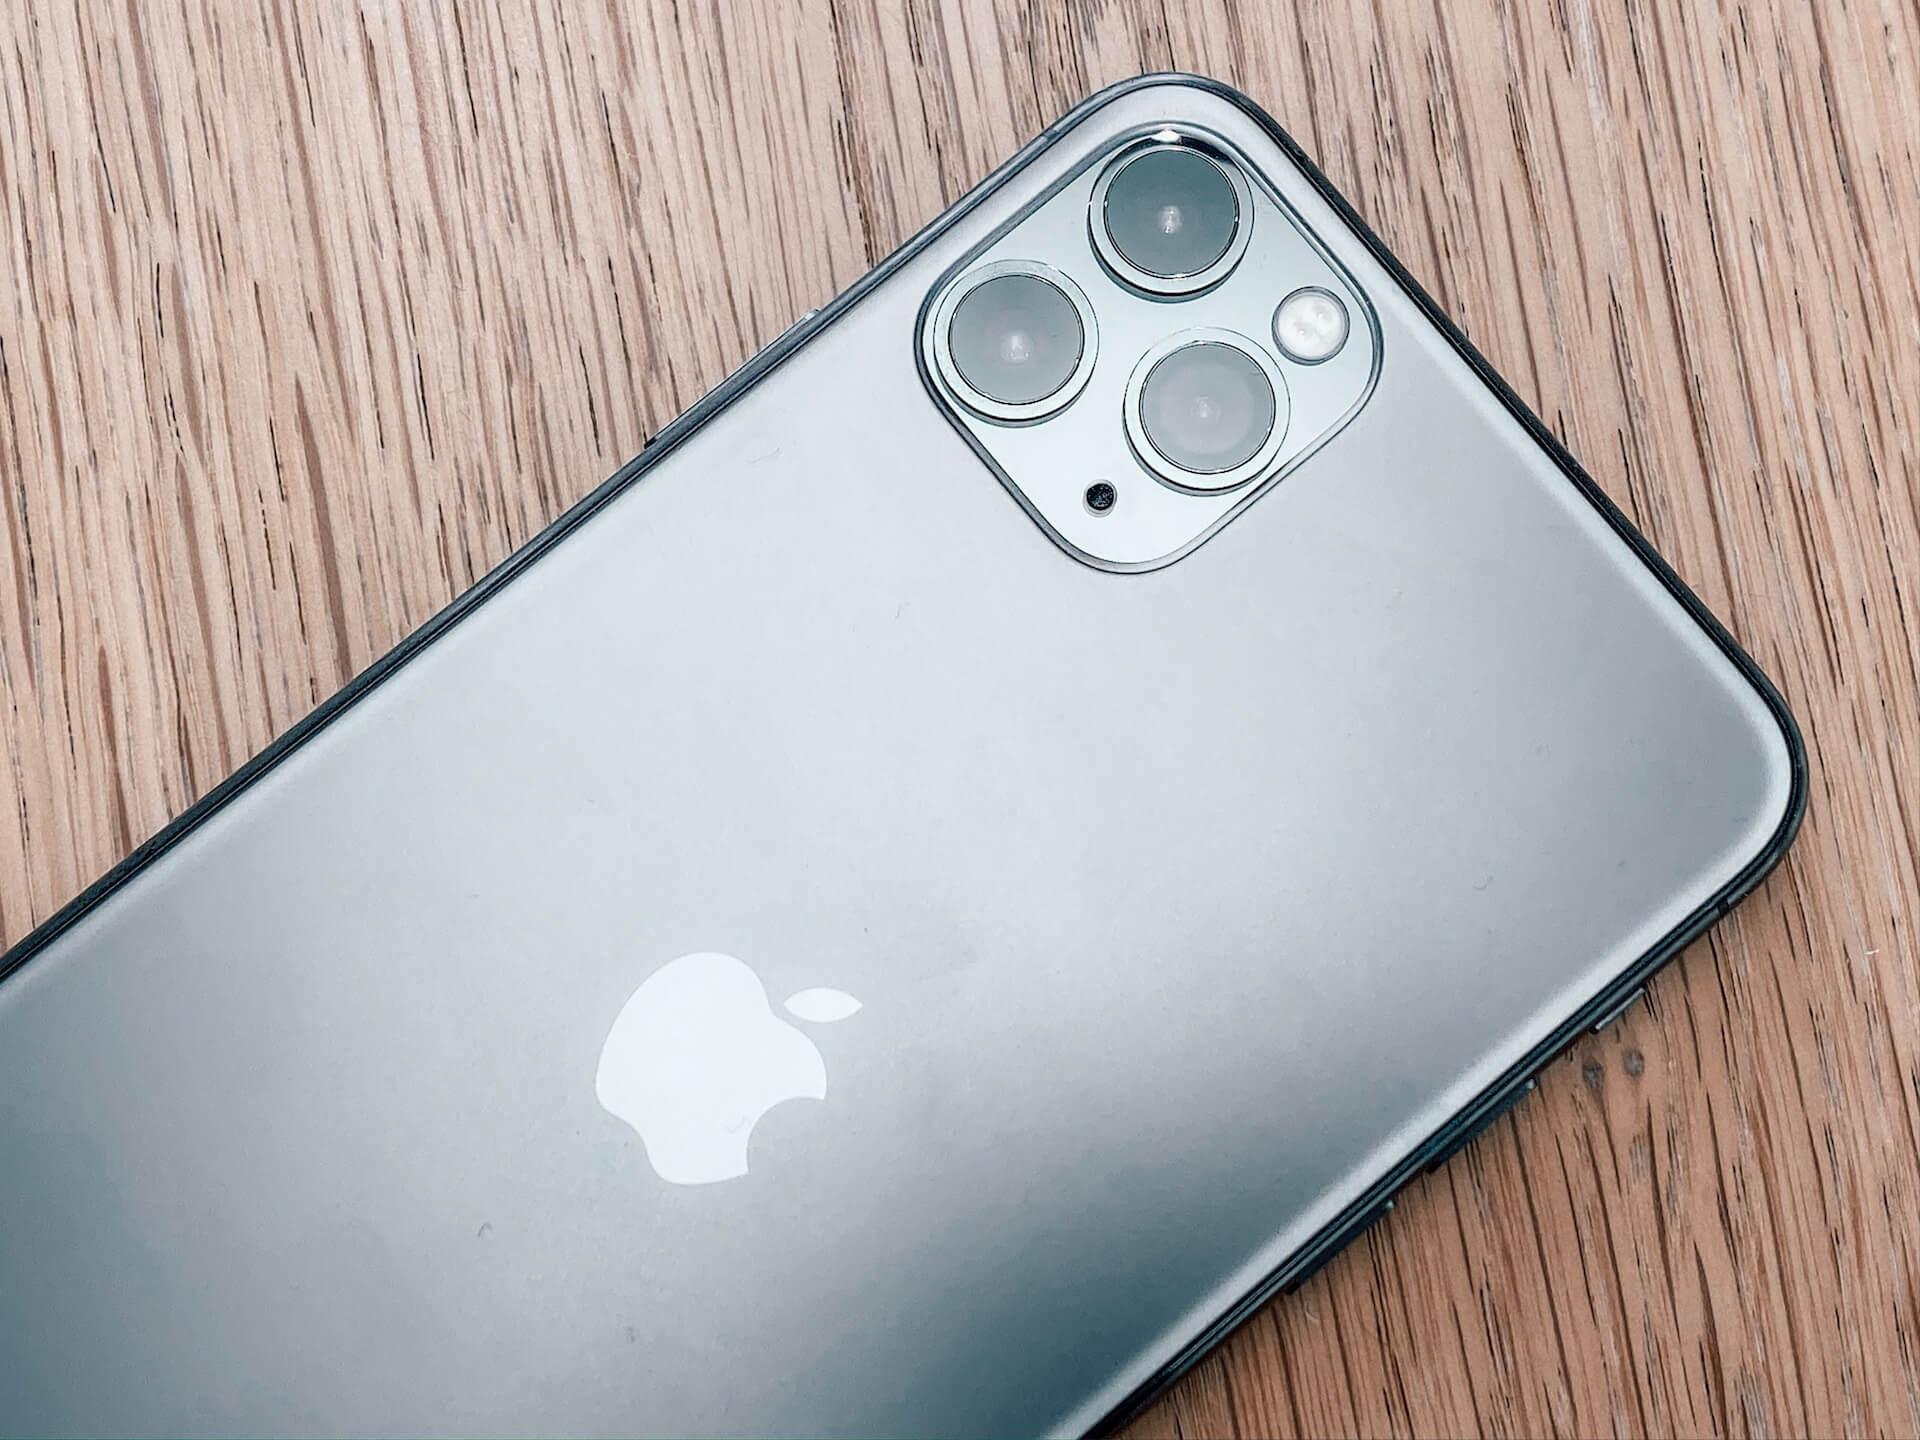 今年発表のiPhone 12はiPhone 11とほぼ同じデザインに?iPhone 11 Pro Maxのカメラよりも大きなセンサー搭載の可能性も tech200121_iphone12_main